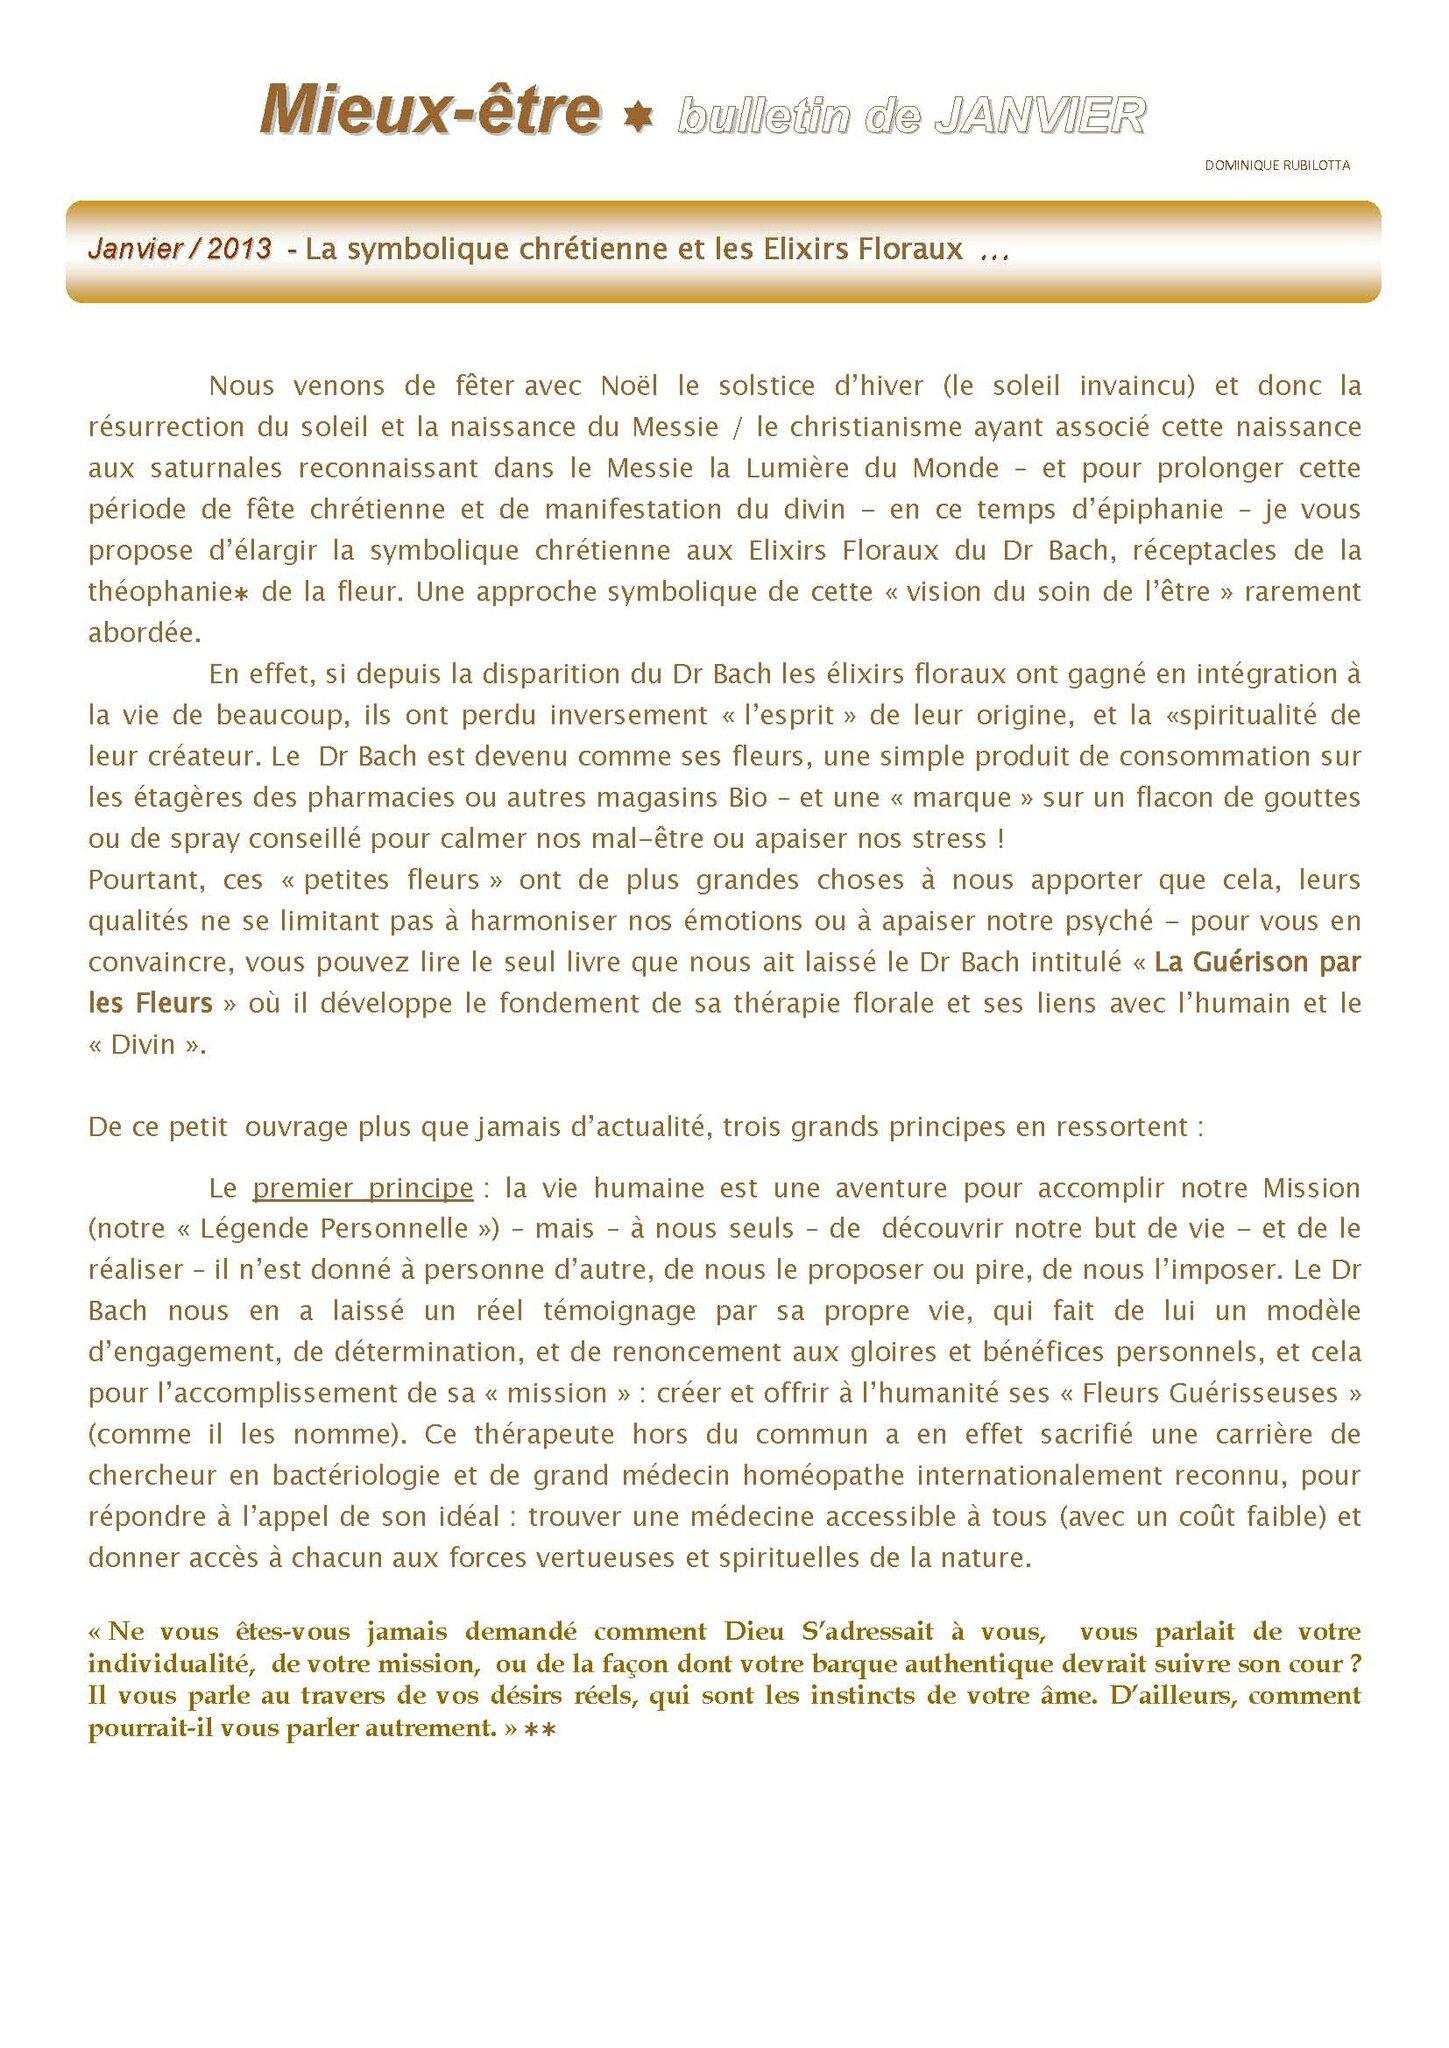 La symbolique chrétienne et les élixirs floraux / article de Dominique / Conseiller agréé Fleurs de Bach (13)